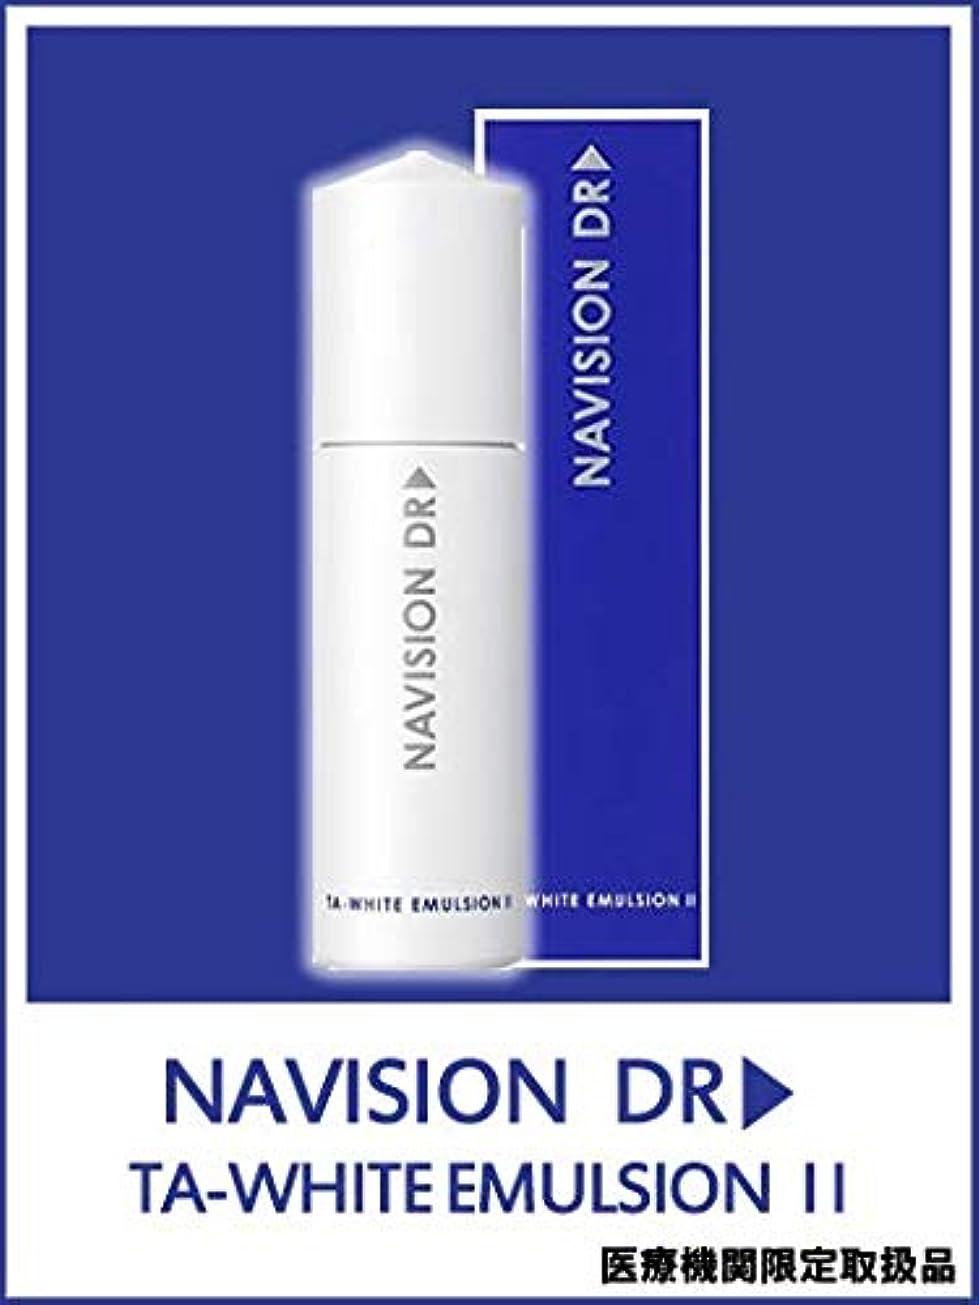 固める微弱スペイン語NAVISION DR? ナビジョンDR TAホワイトエマルジョンⅡnしっとりうるおうタイプ(医薬部外品) 120mL